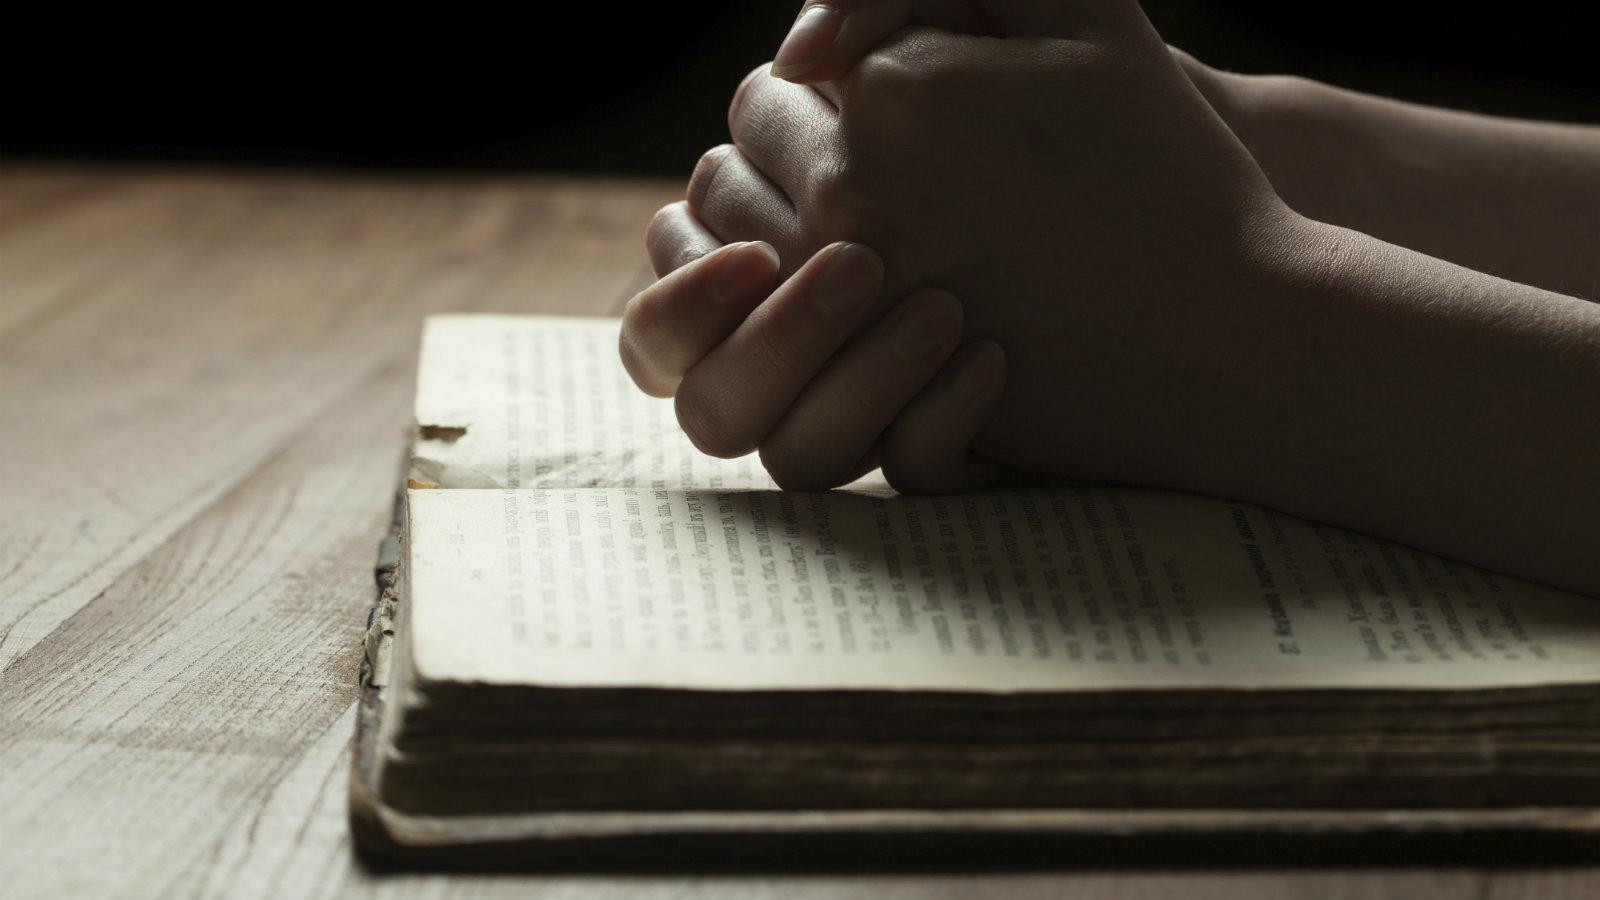 Αποτέλεσμα εικόνας για μαθε να προσευχεσαι